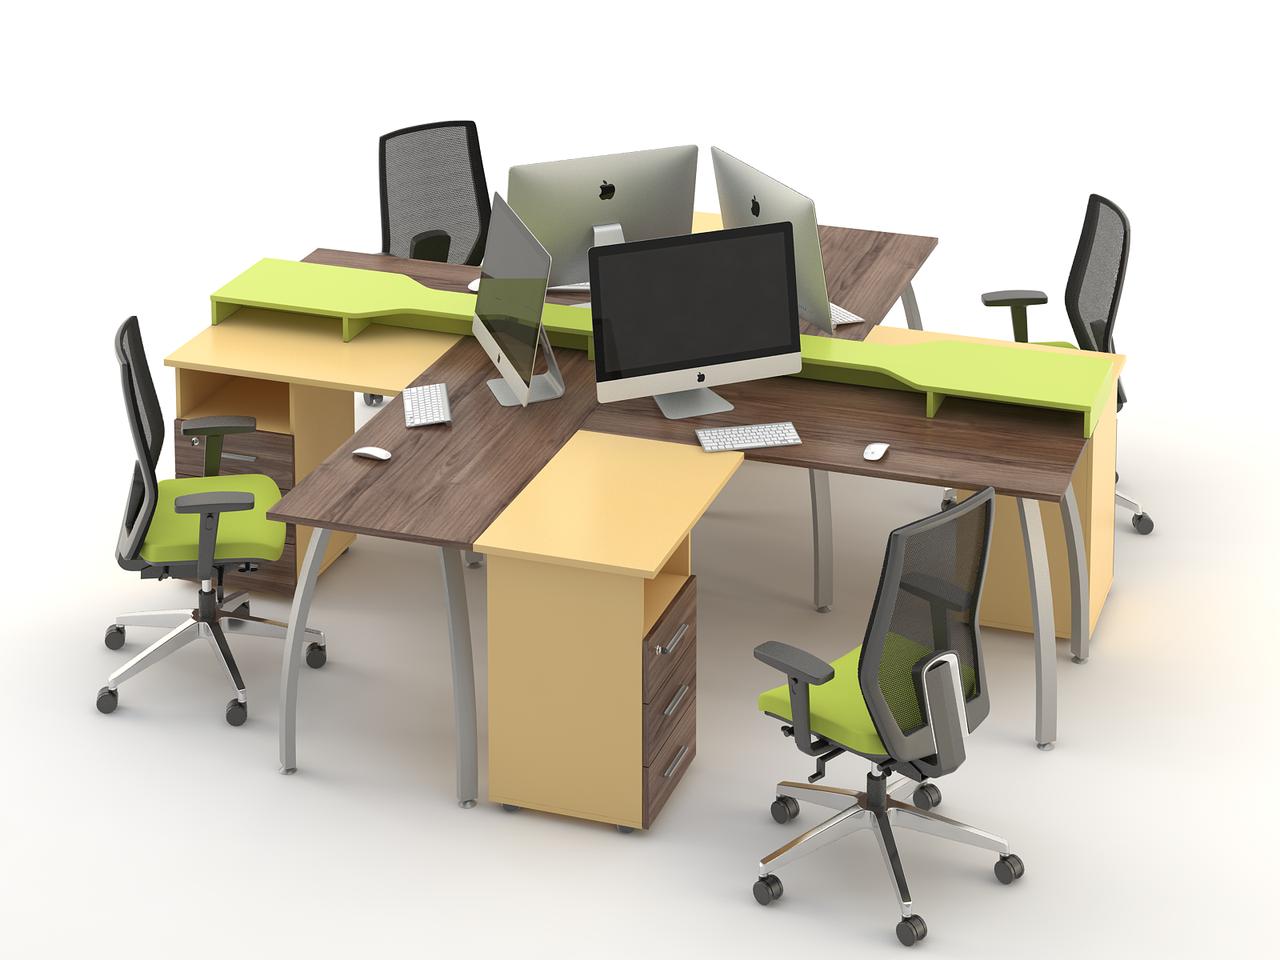 Комплект мебели для персонала серии Прайм композиция №10 ТМ MConcept